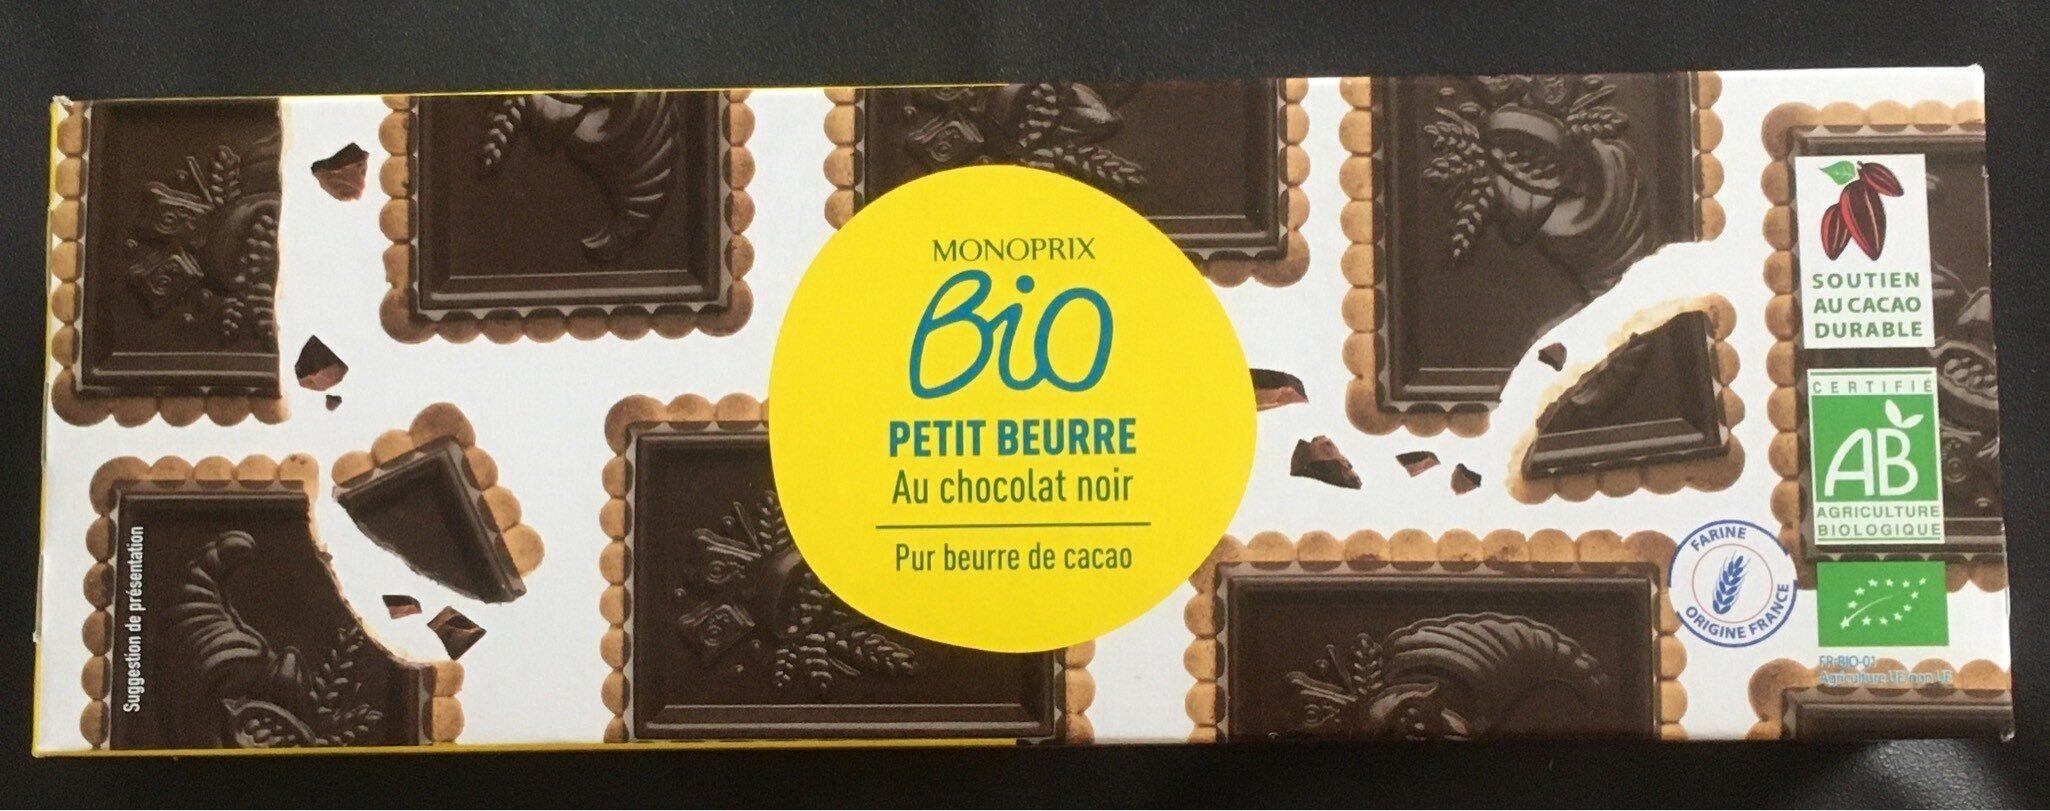 Petit beurre Au chocolat noir - 产品 - fr